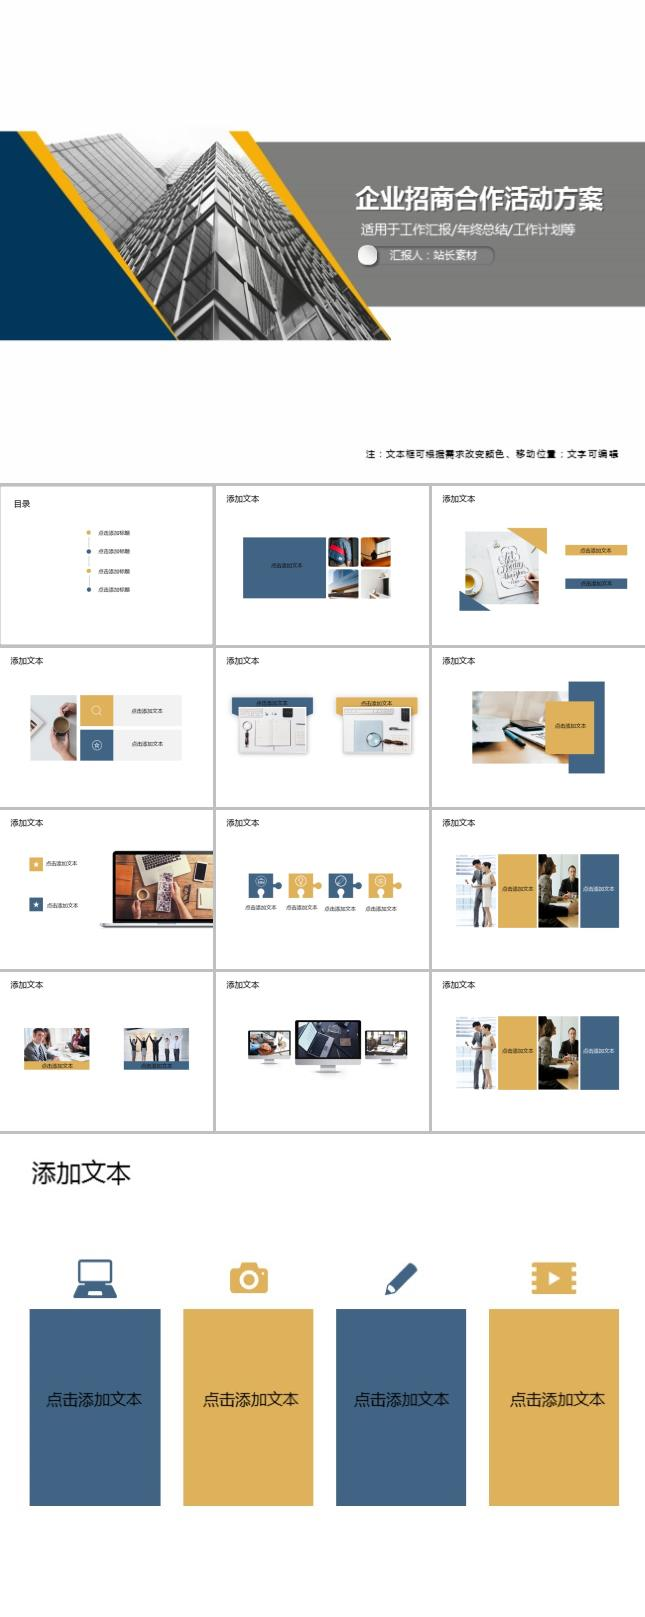 企业招商合作活动方案PPT模板